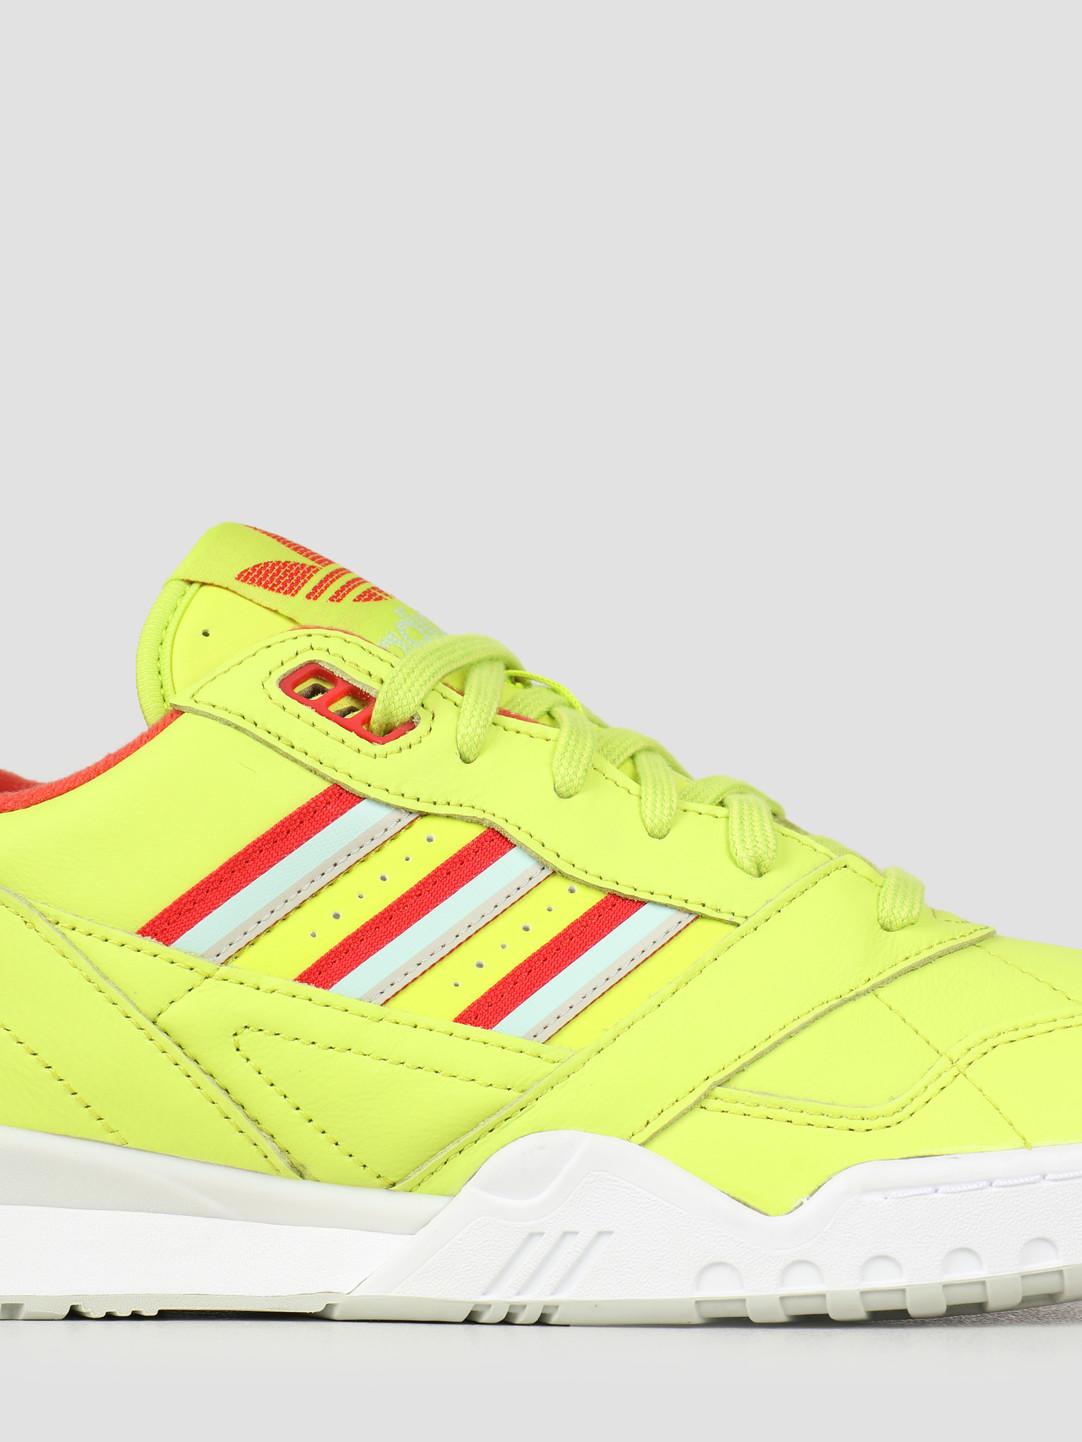 adidas adidas A.R. Trainer Sesoye Lusred Vapgrn DB2736